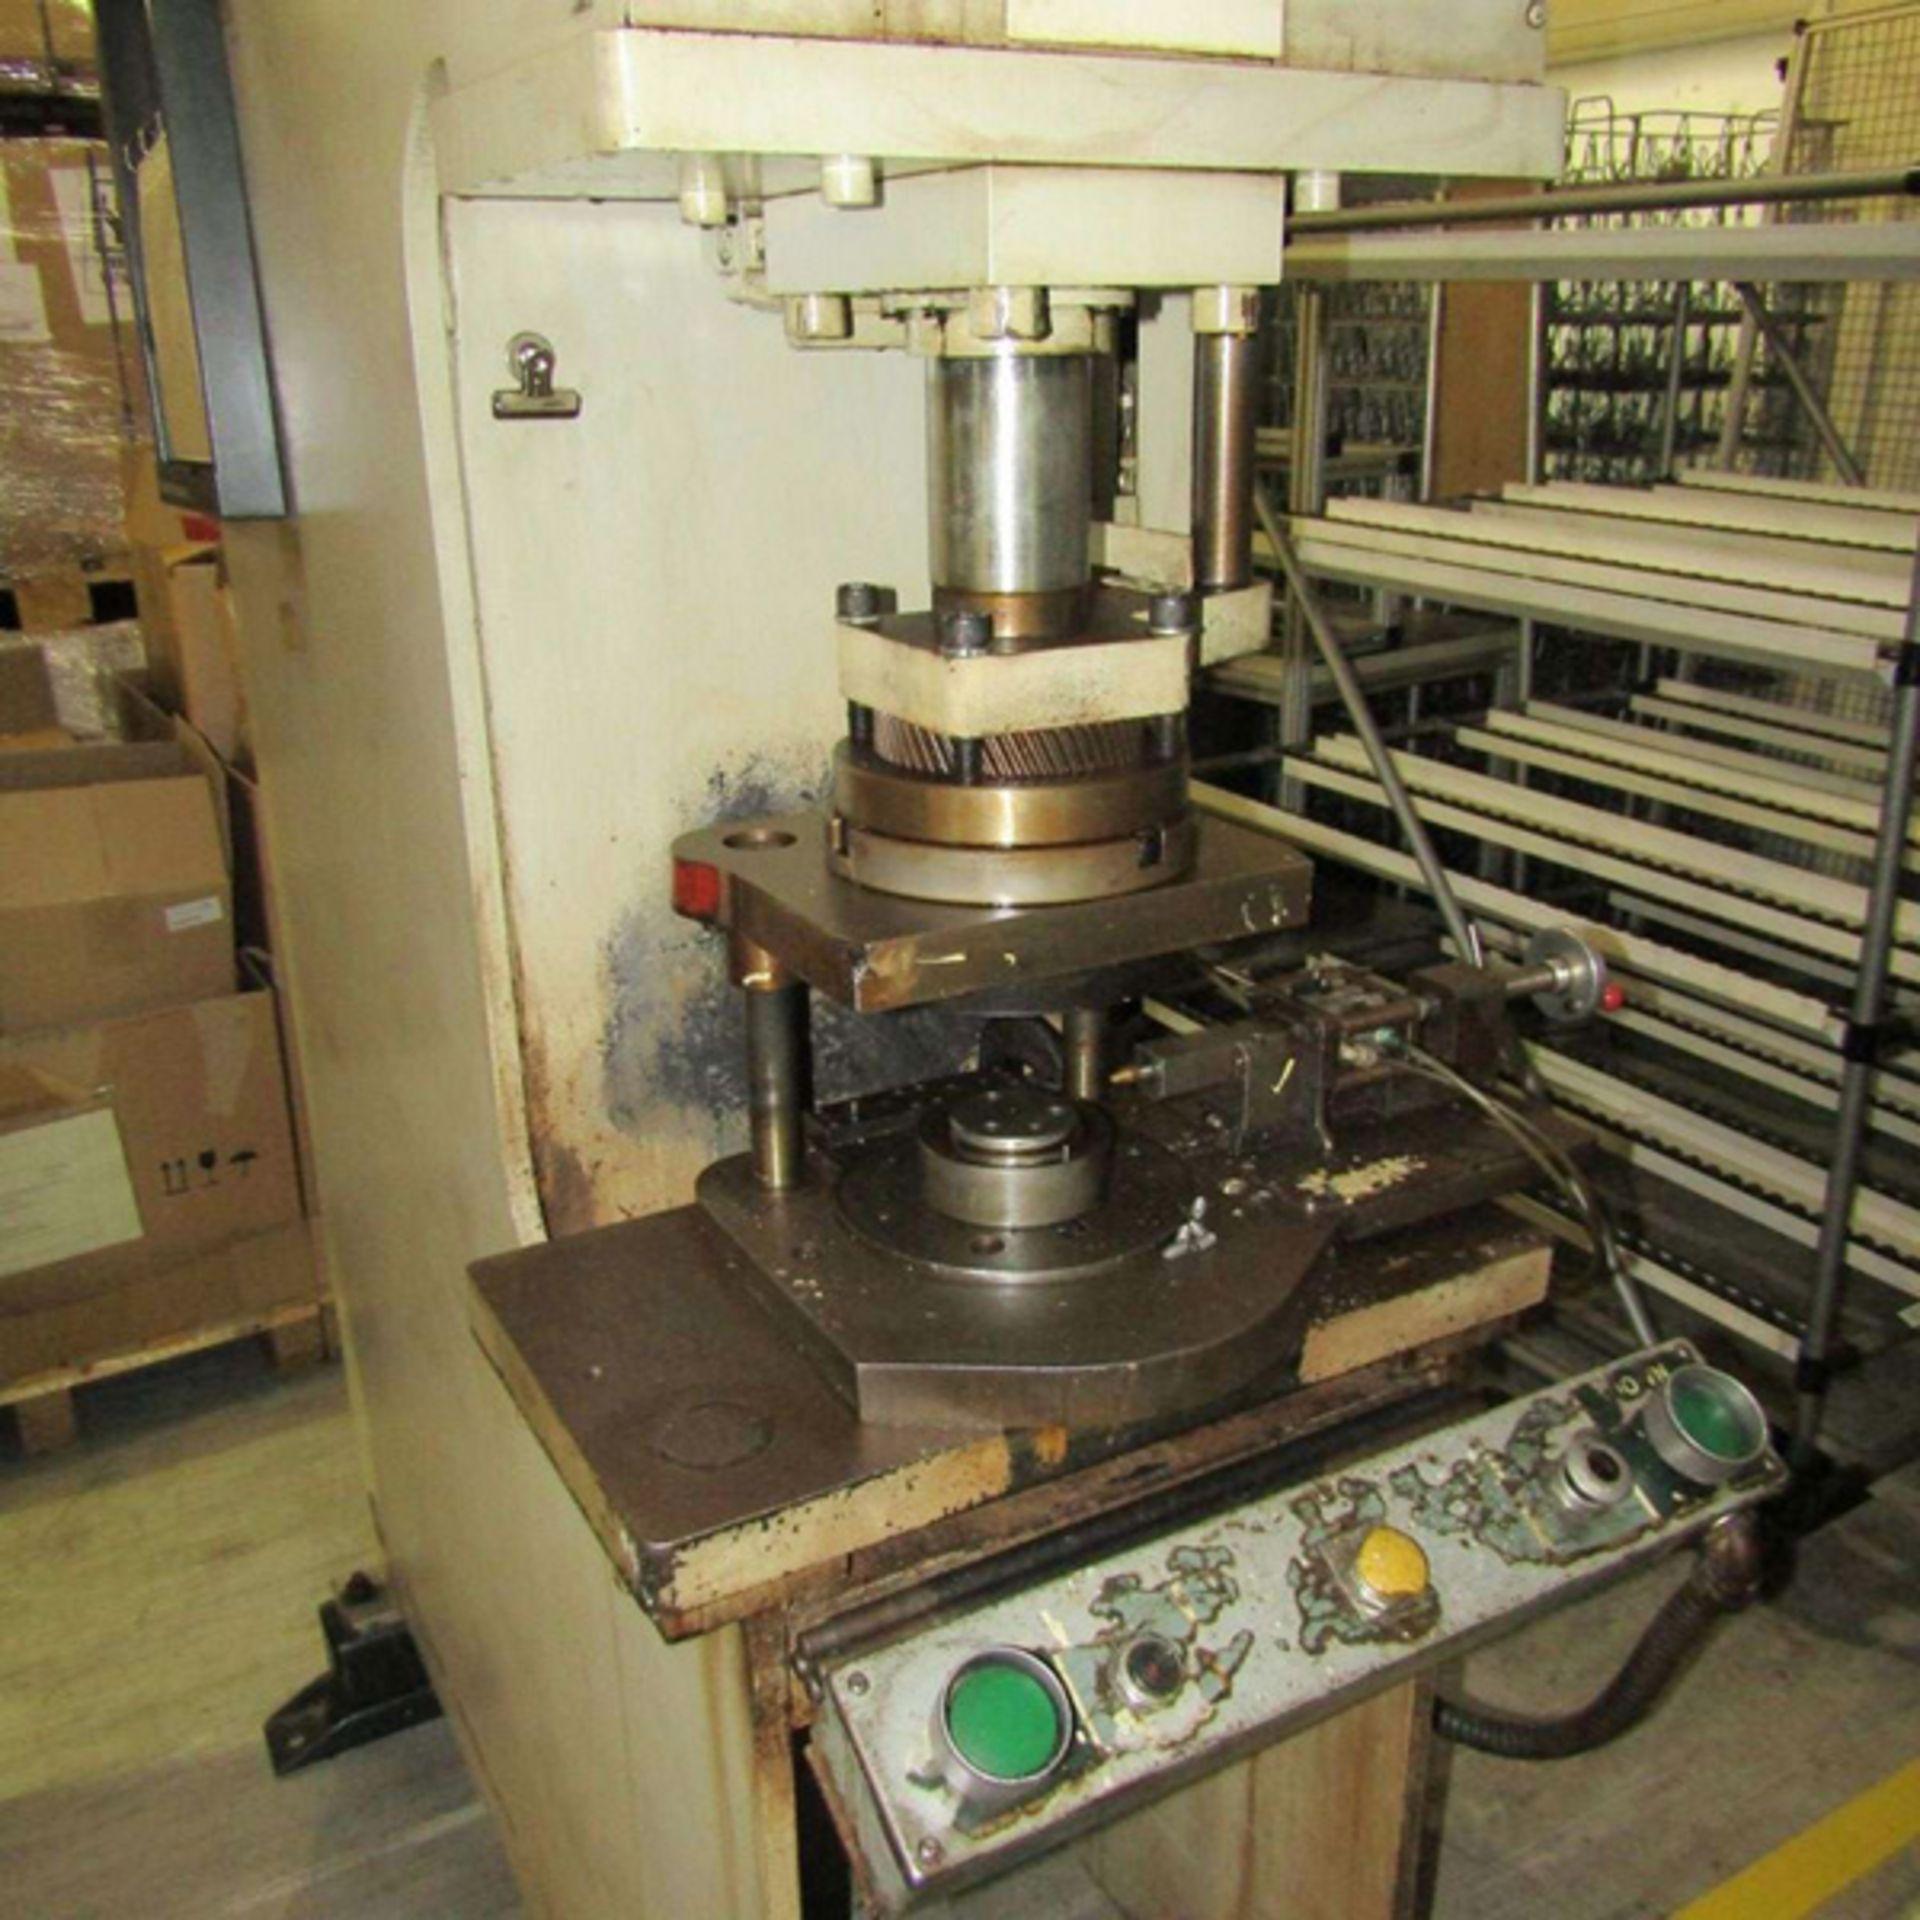 1998 Greenerd HCA-3012R Hydraulic C Frame Press | 30-Ton, Mdl: HCA-3012R, S/N: 98755 - 8142P - Image 2 of 2